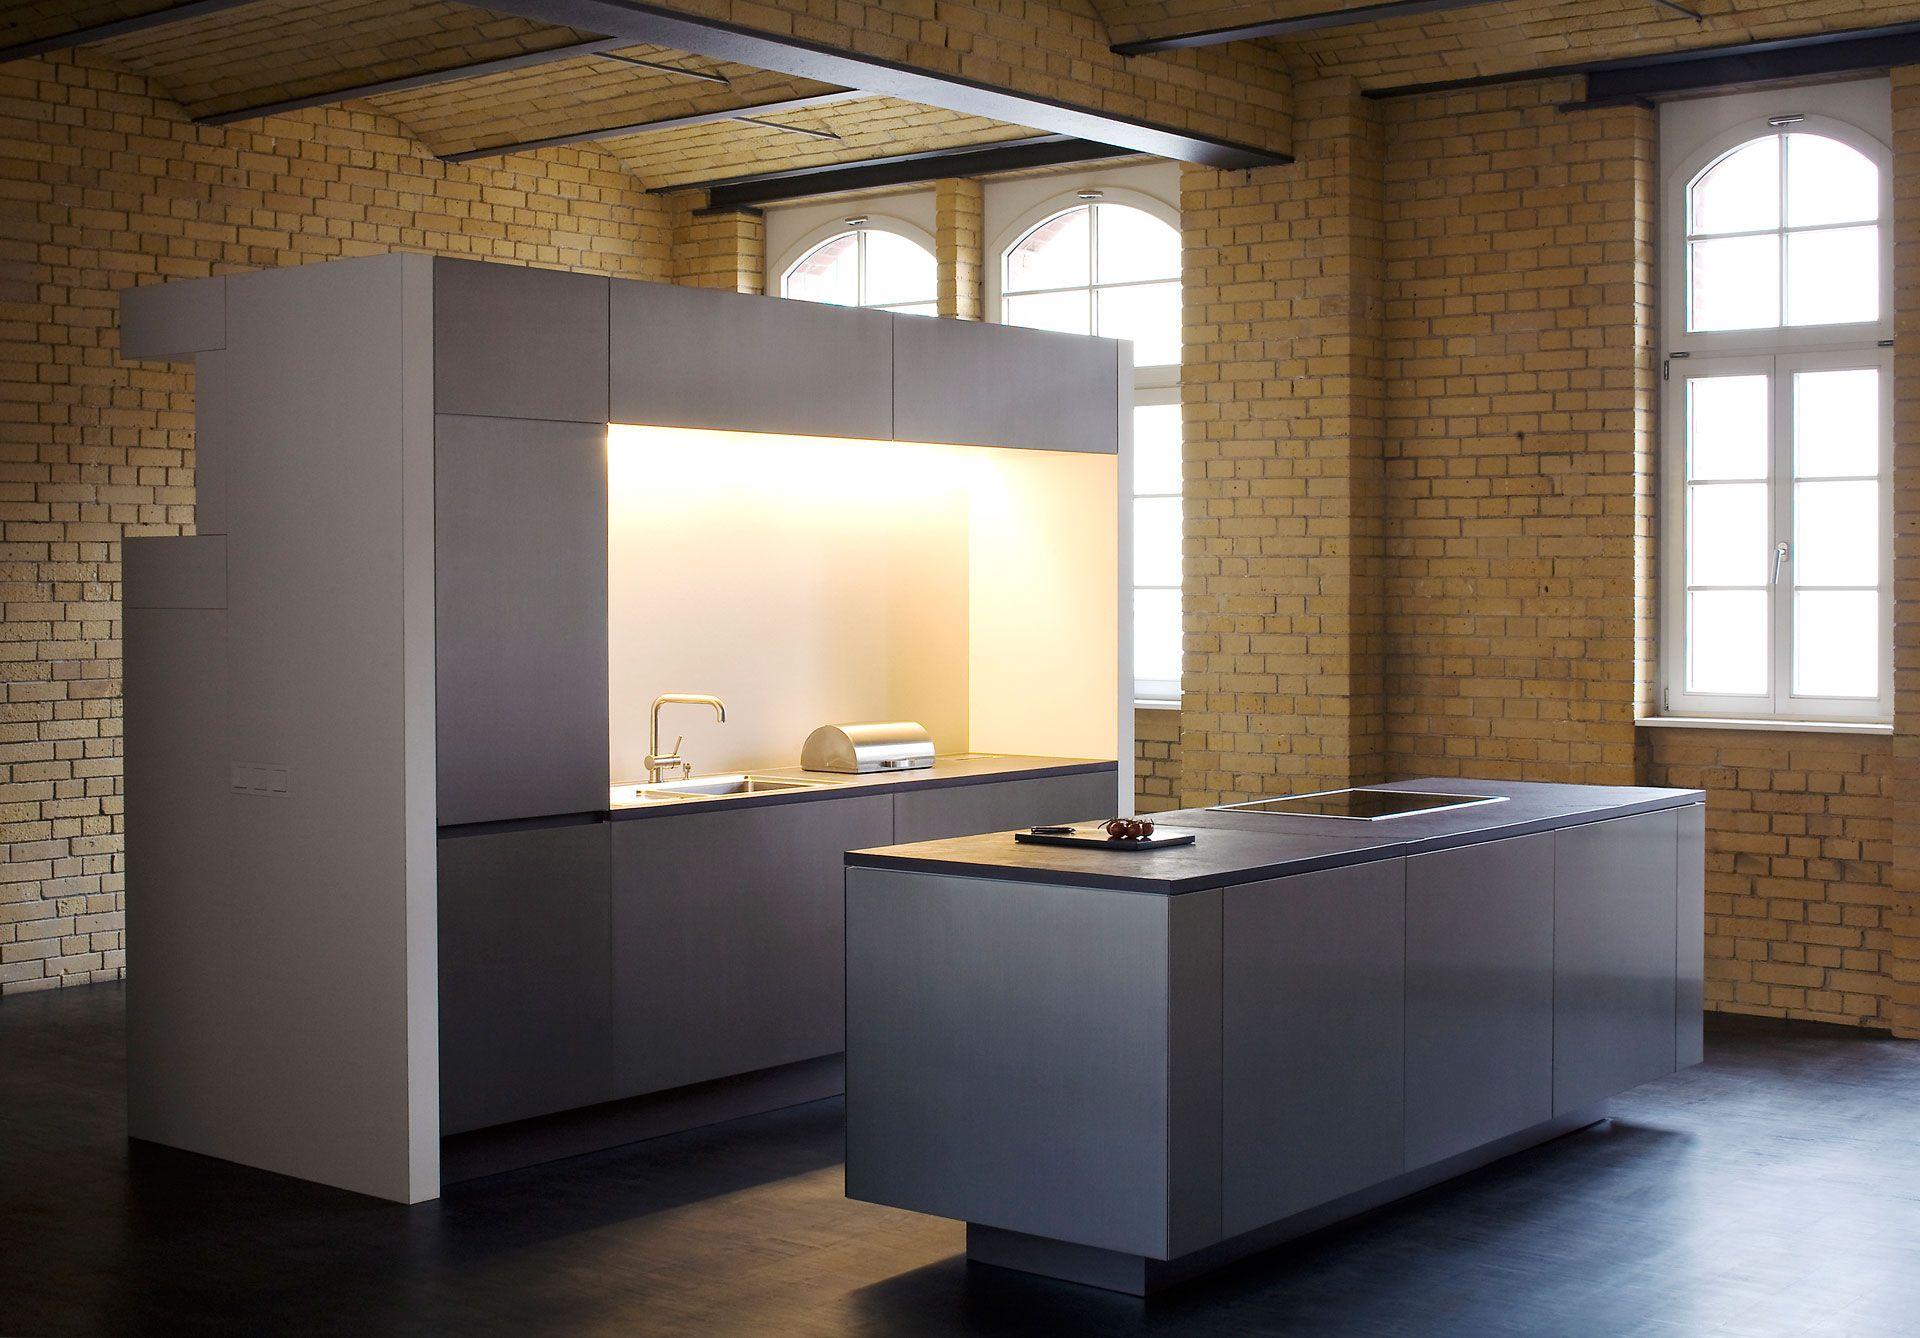 Bildergebnis für küchenblock architektur | Barhocker/Kücheninsel ...